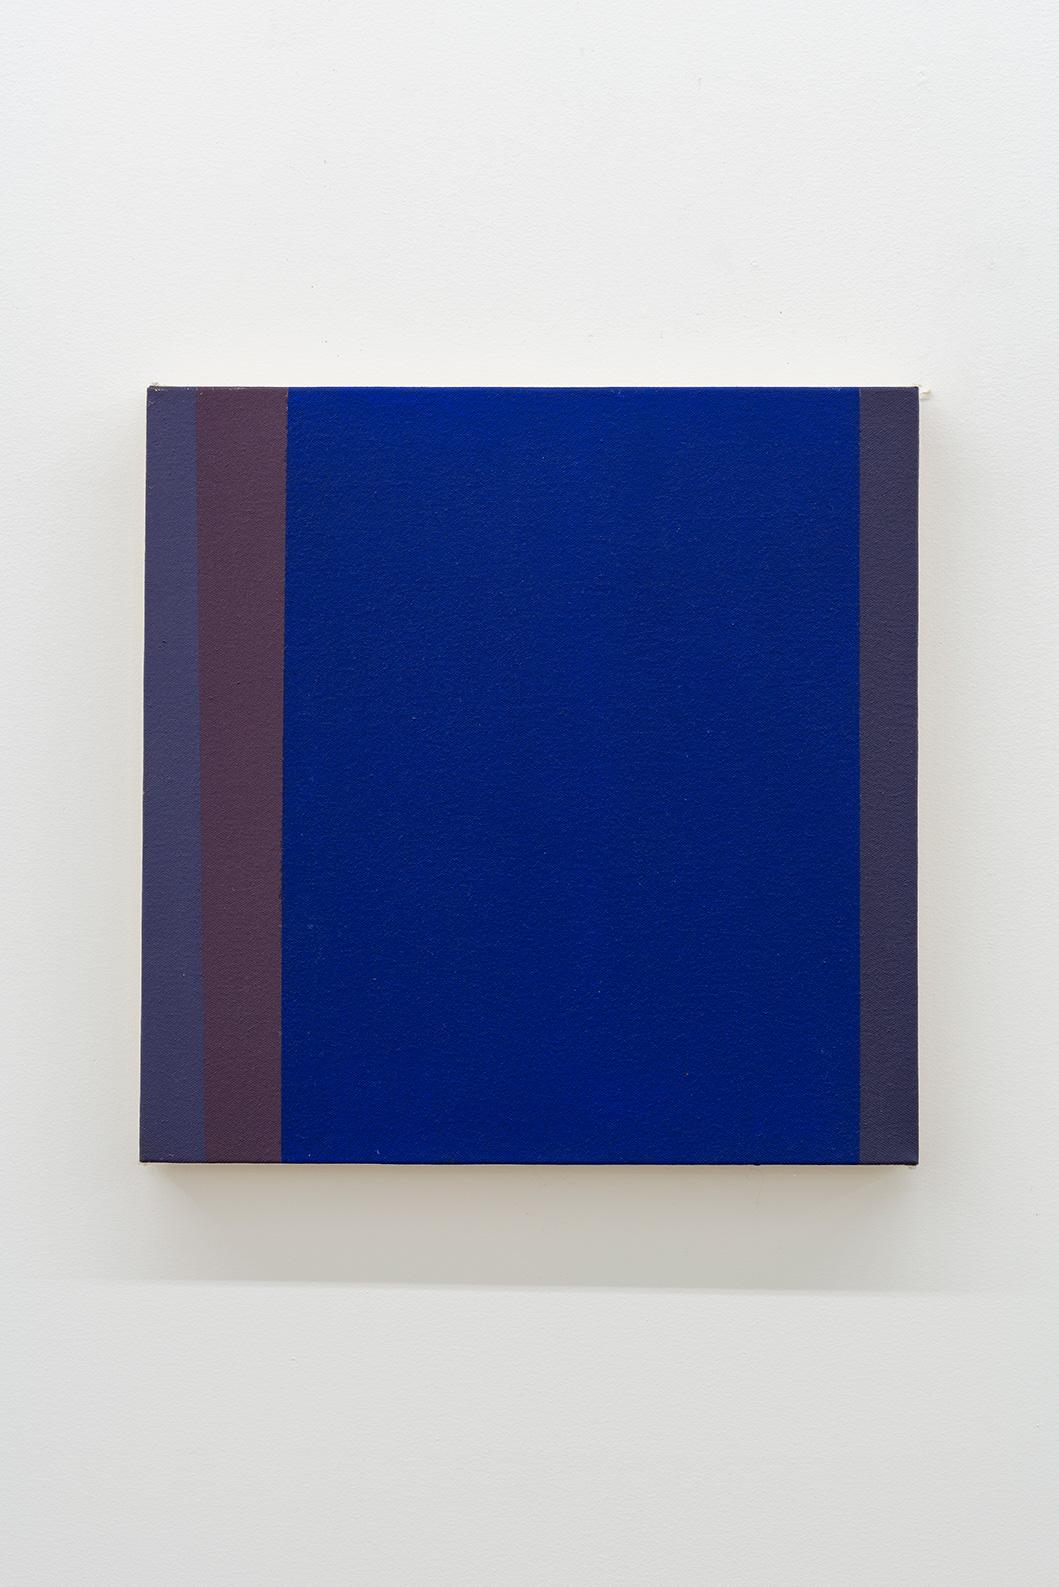 Yves Gaucher, AGBBLG, 1993, Acrylique sur toile, 40,8 x 40,6 cm / 16,1 x 16 pouces, Photo : Guy L'Heureux